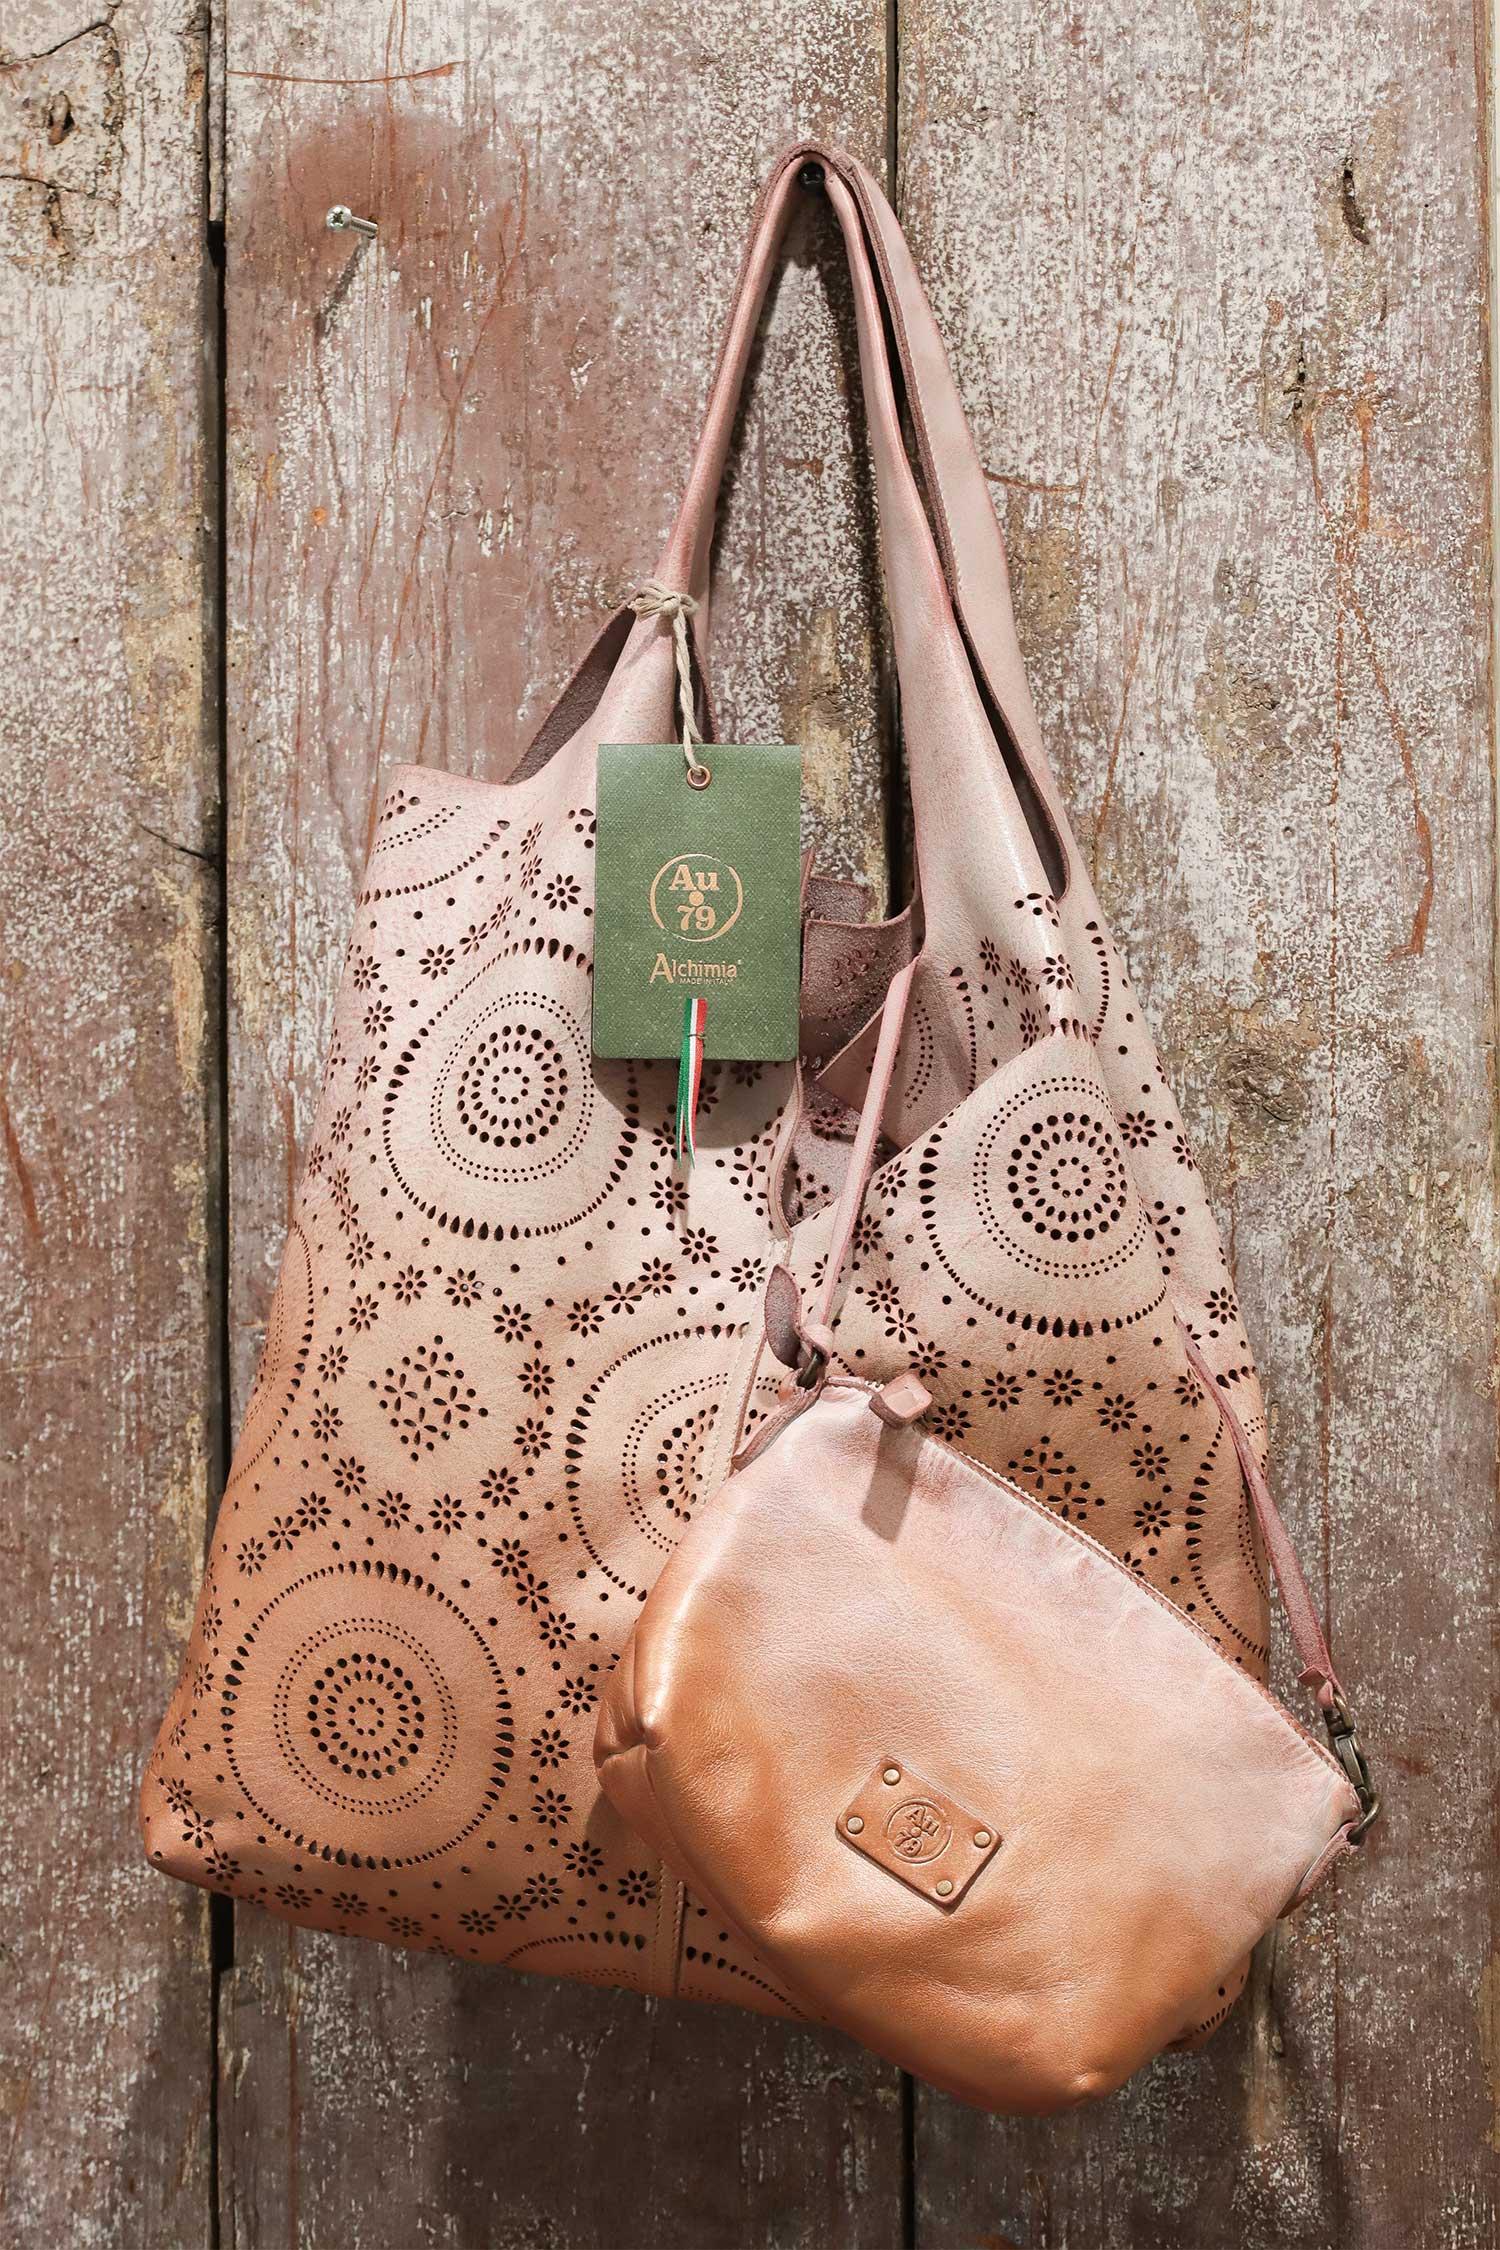 borse artigianali, sac en cuir, leather bags, woven bags, borse intrecciate